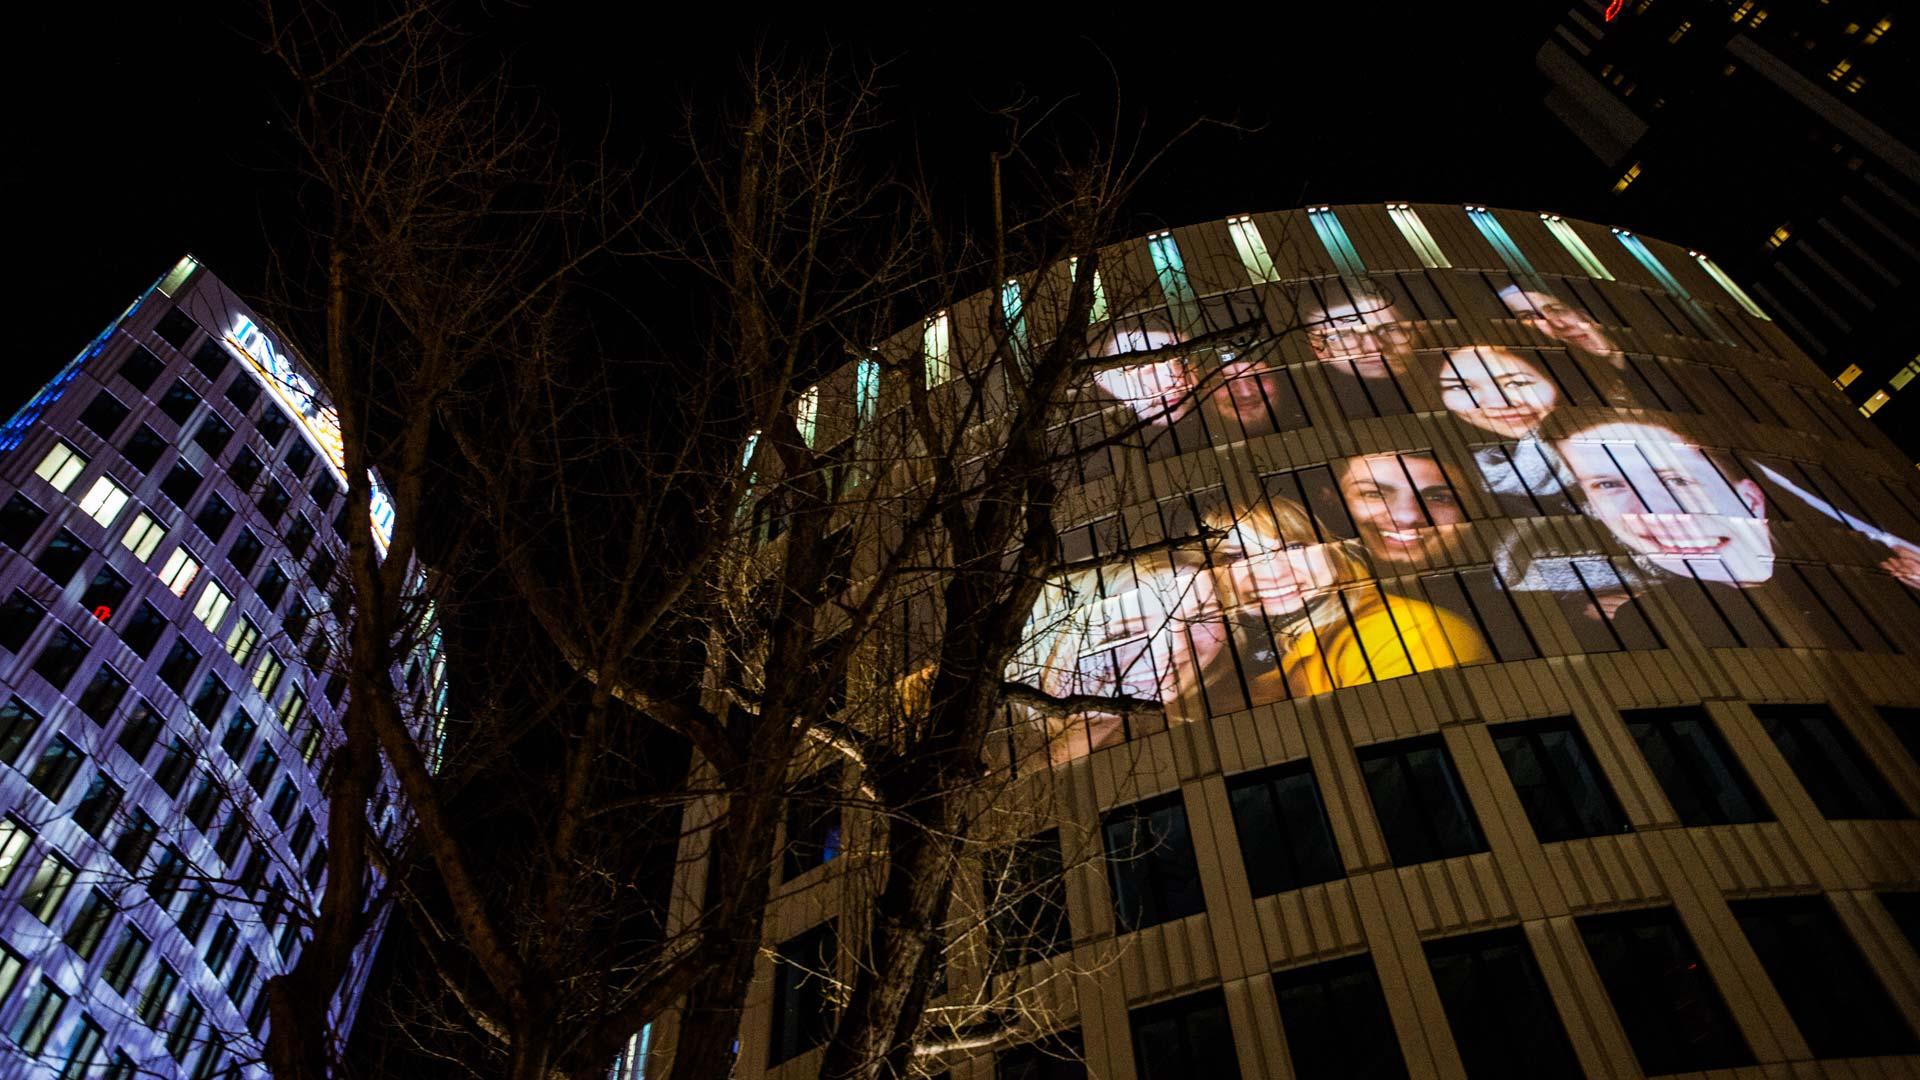 MAASS-Lichtplanung_Lichkunst zur Luminale 2016 am ING-DiBa Gebäude__MAASS-Luminaleo-003